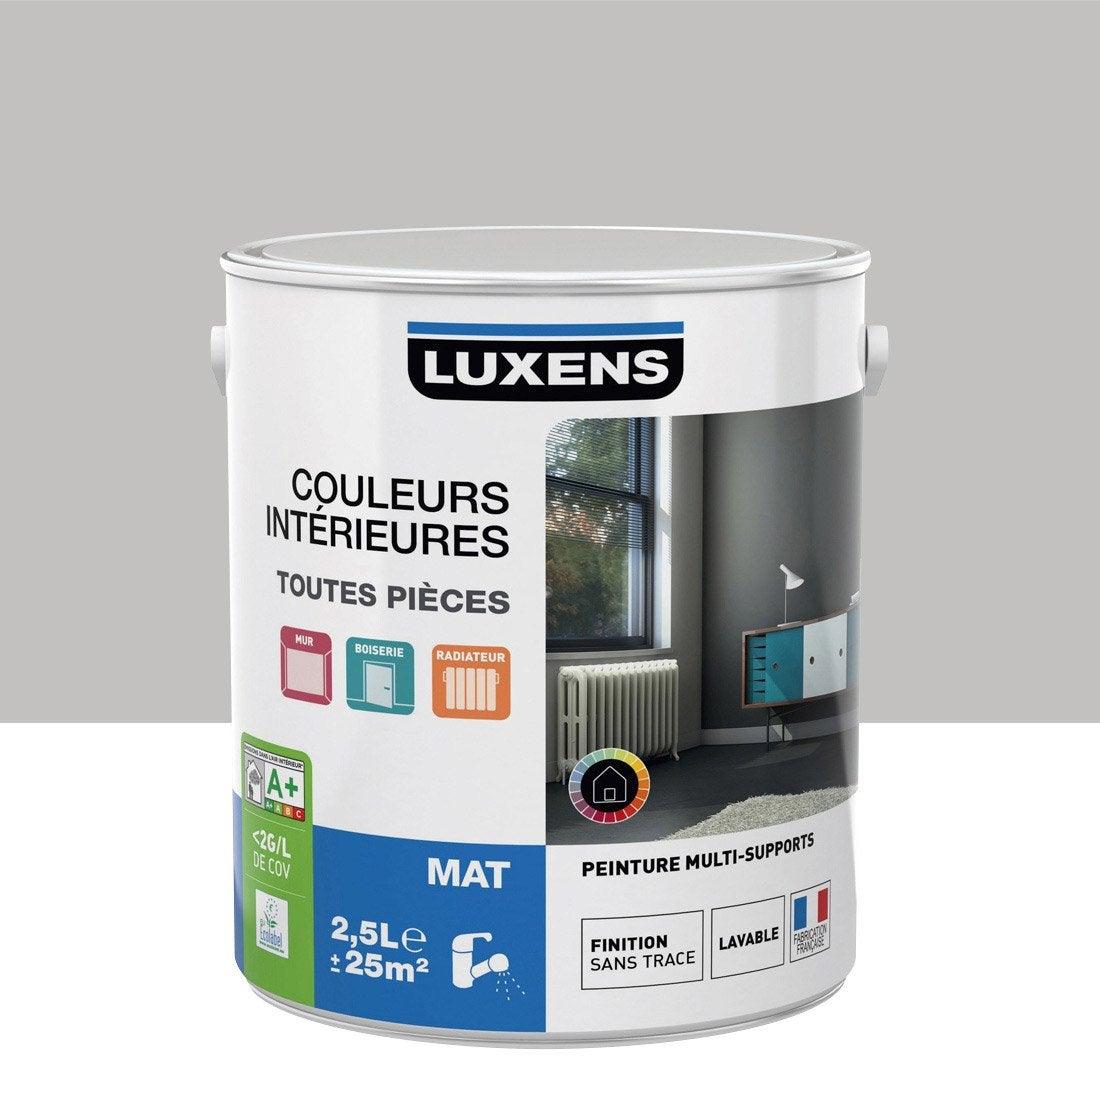 peinture gris galet 5 luxens couleurs int rieures mat 2 5 l leroy merlin. Black Bedroom Furniture Sets. Home Design Ideas